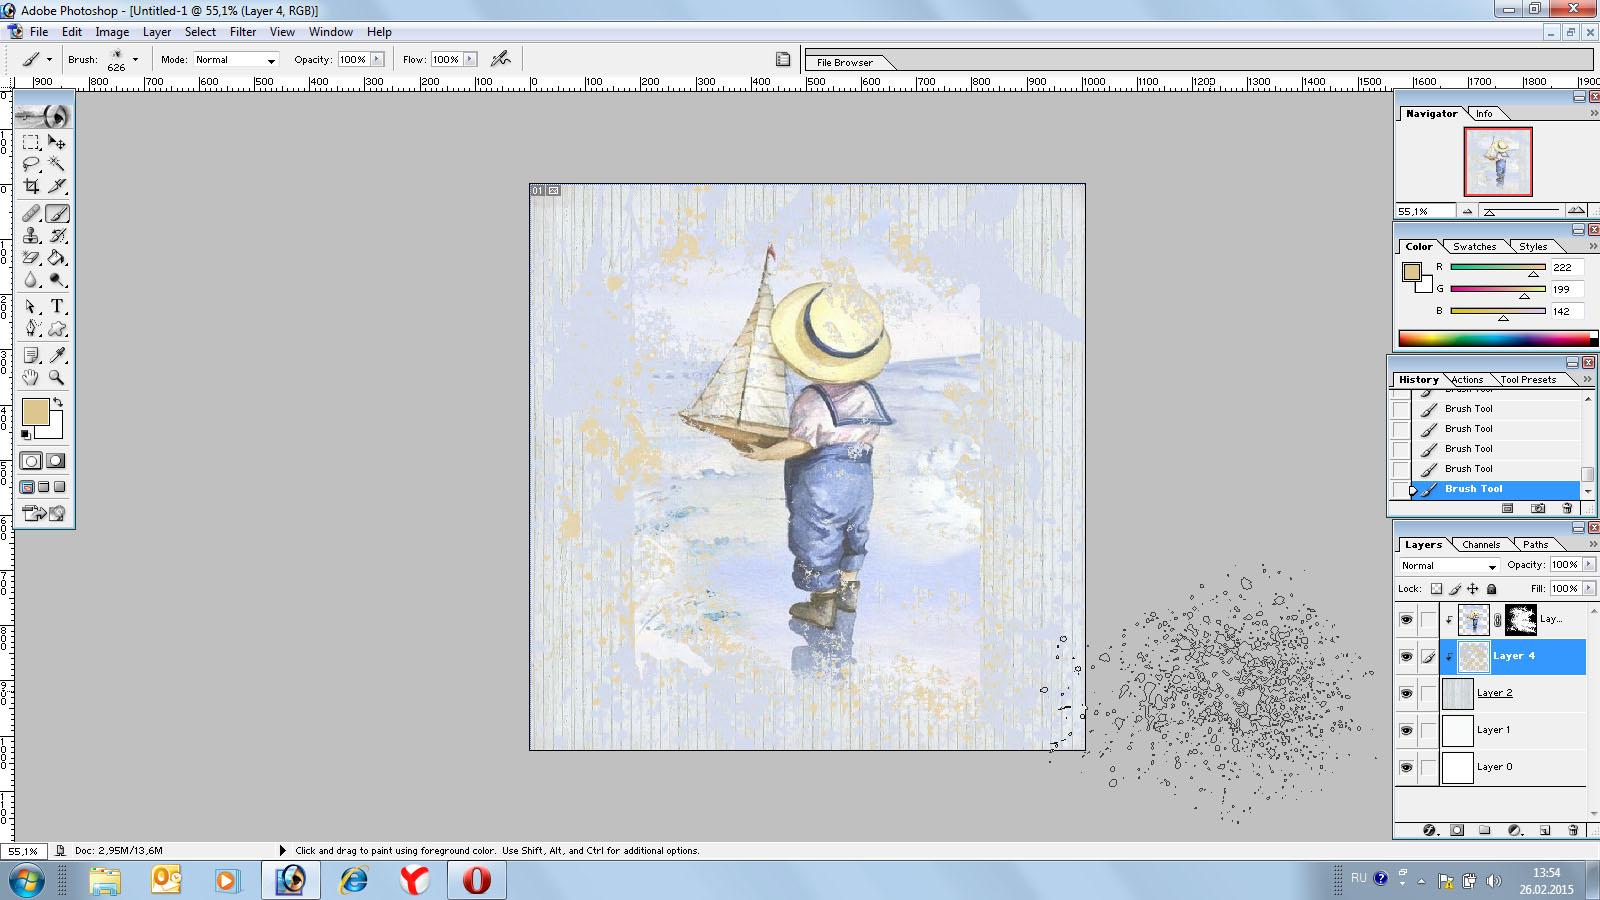 Совет 2: Как сделать слой прозрачным в photoshop 64